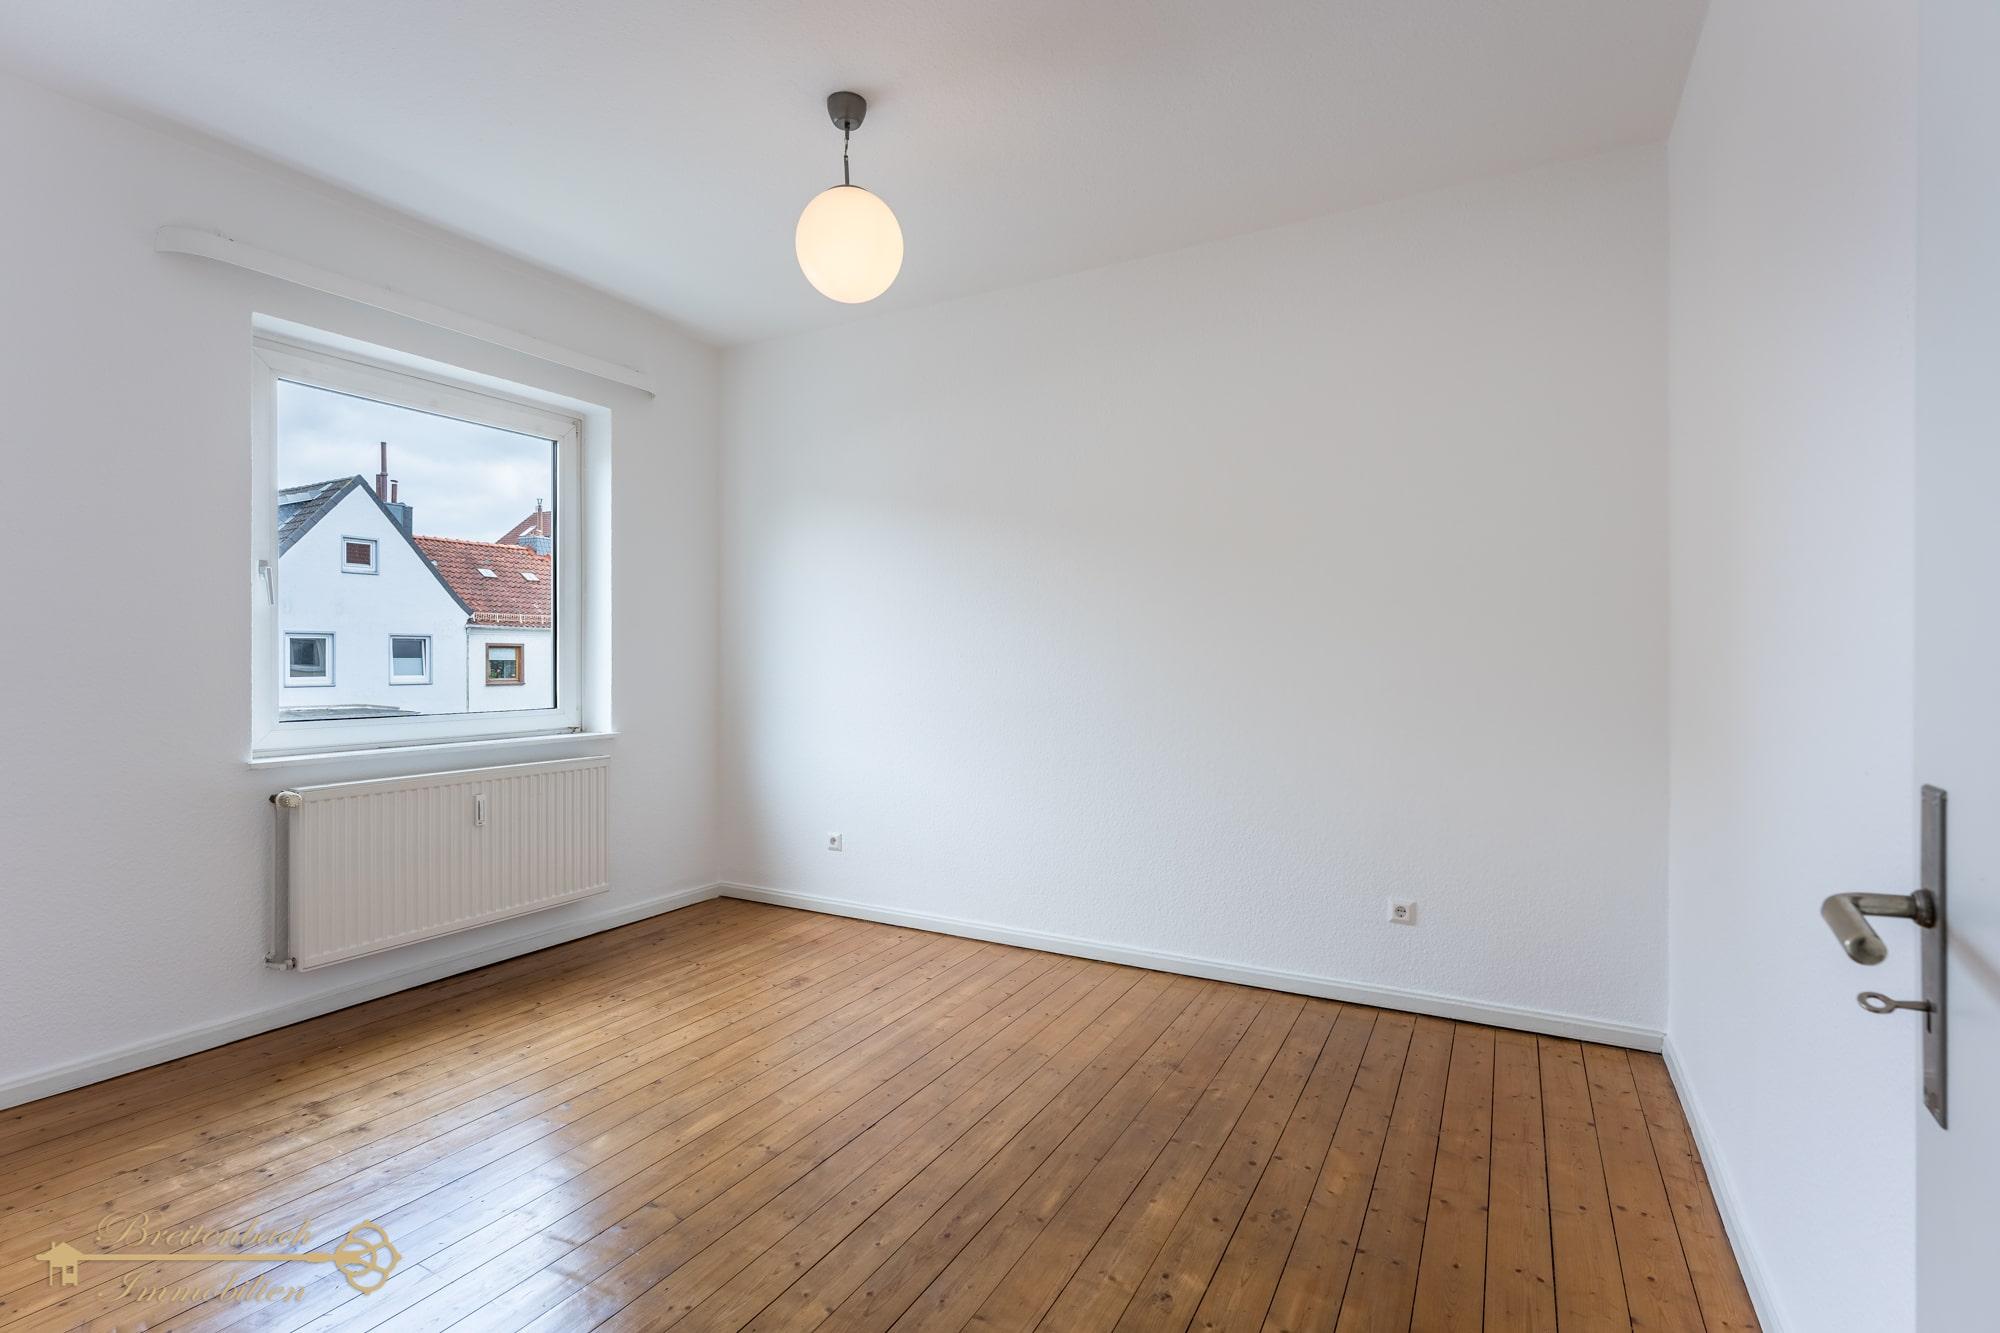 2021-05-29-Breitenbach-Immobilien-Makler-Bremen-1-min